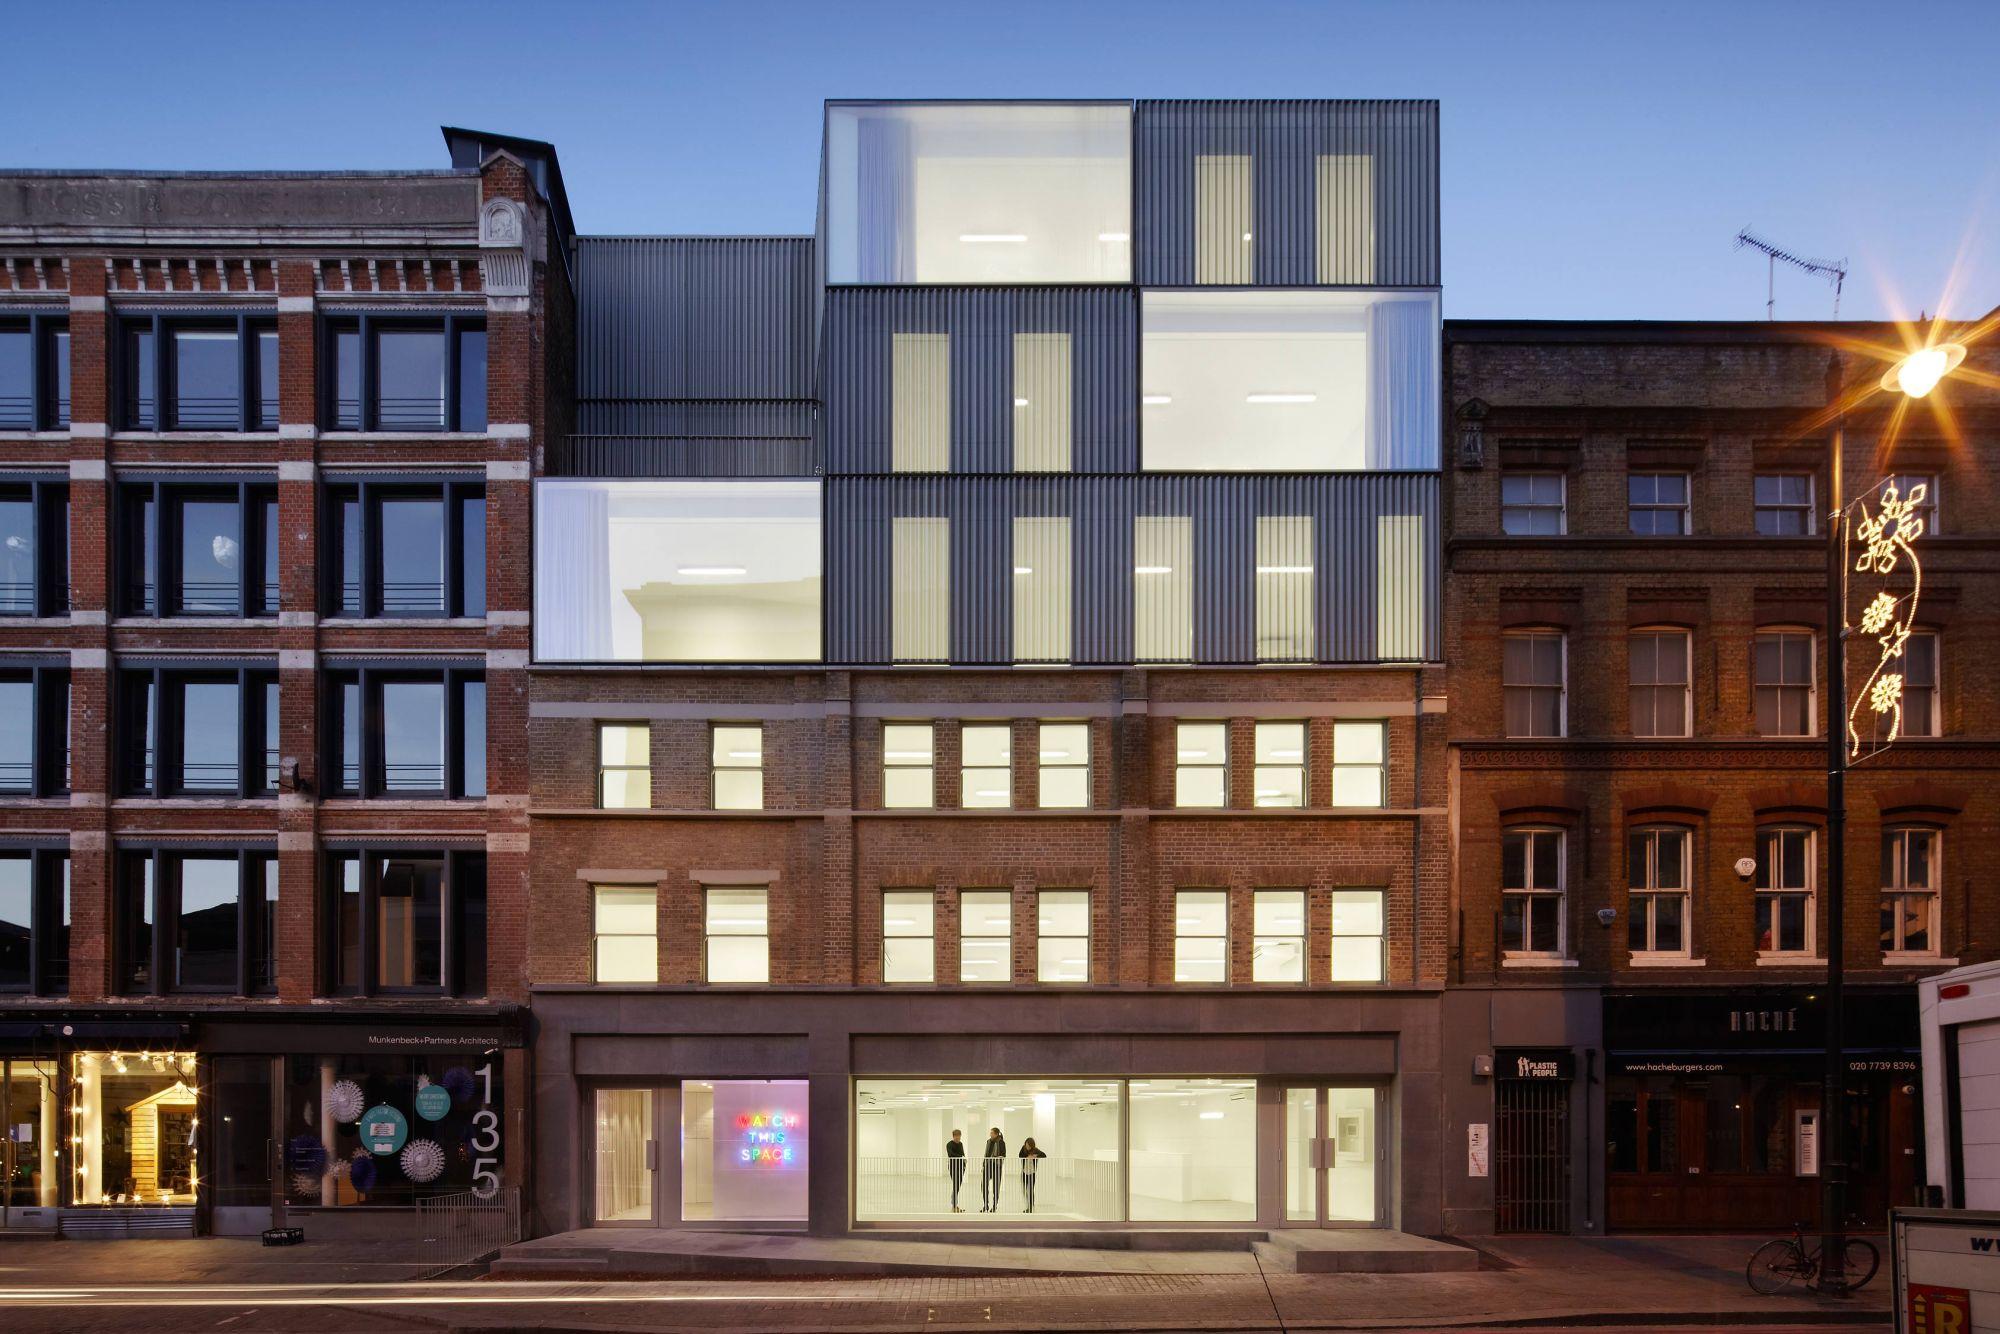 0001_Curtain-Road_Duggan-Morris-Architects_003